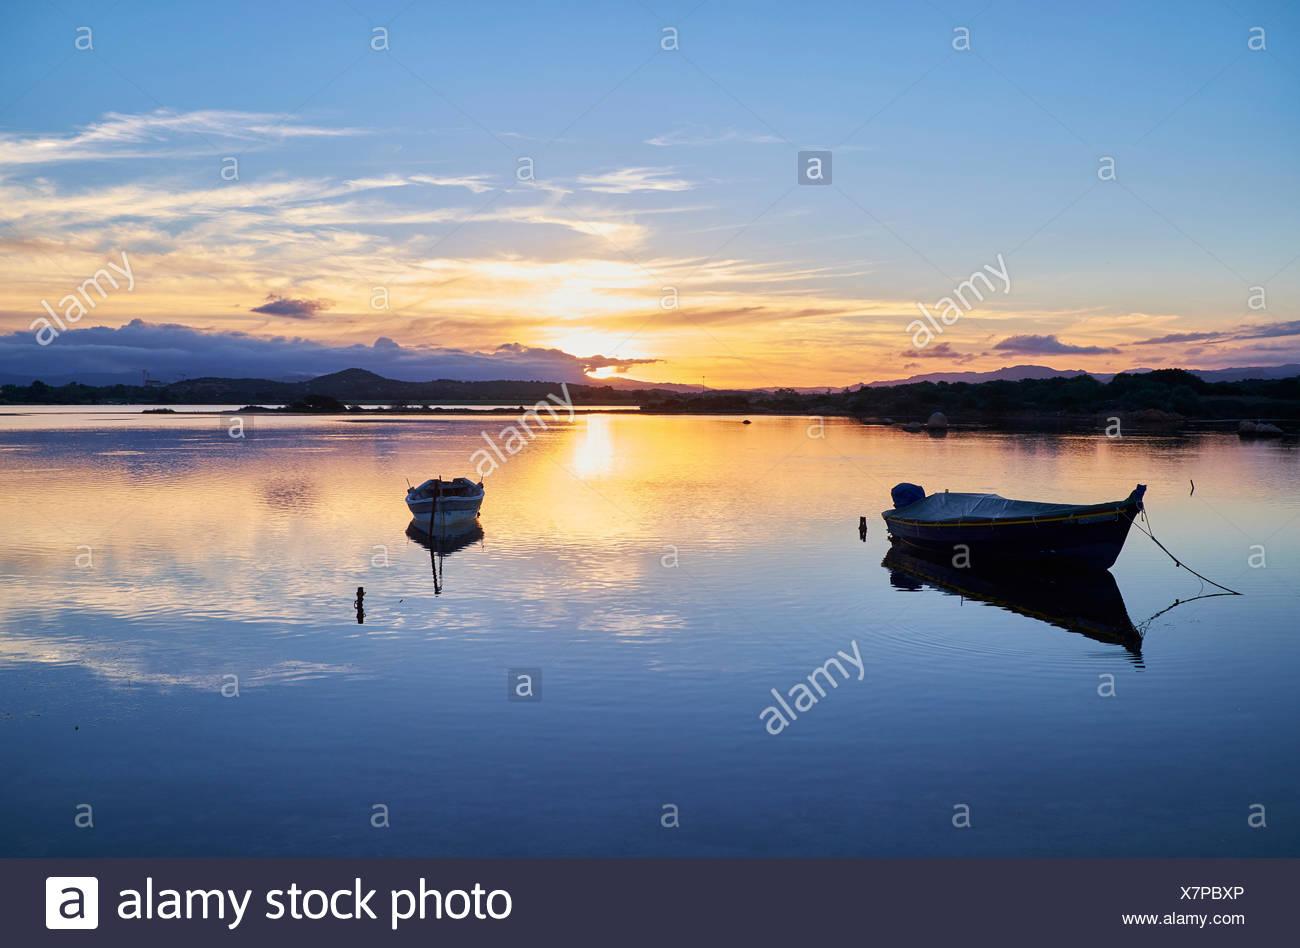 L'Italia, Sardegna, Murta Maria, barche in acqua al tramonto Immagini Stock